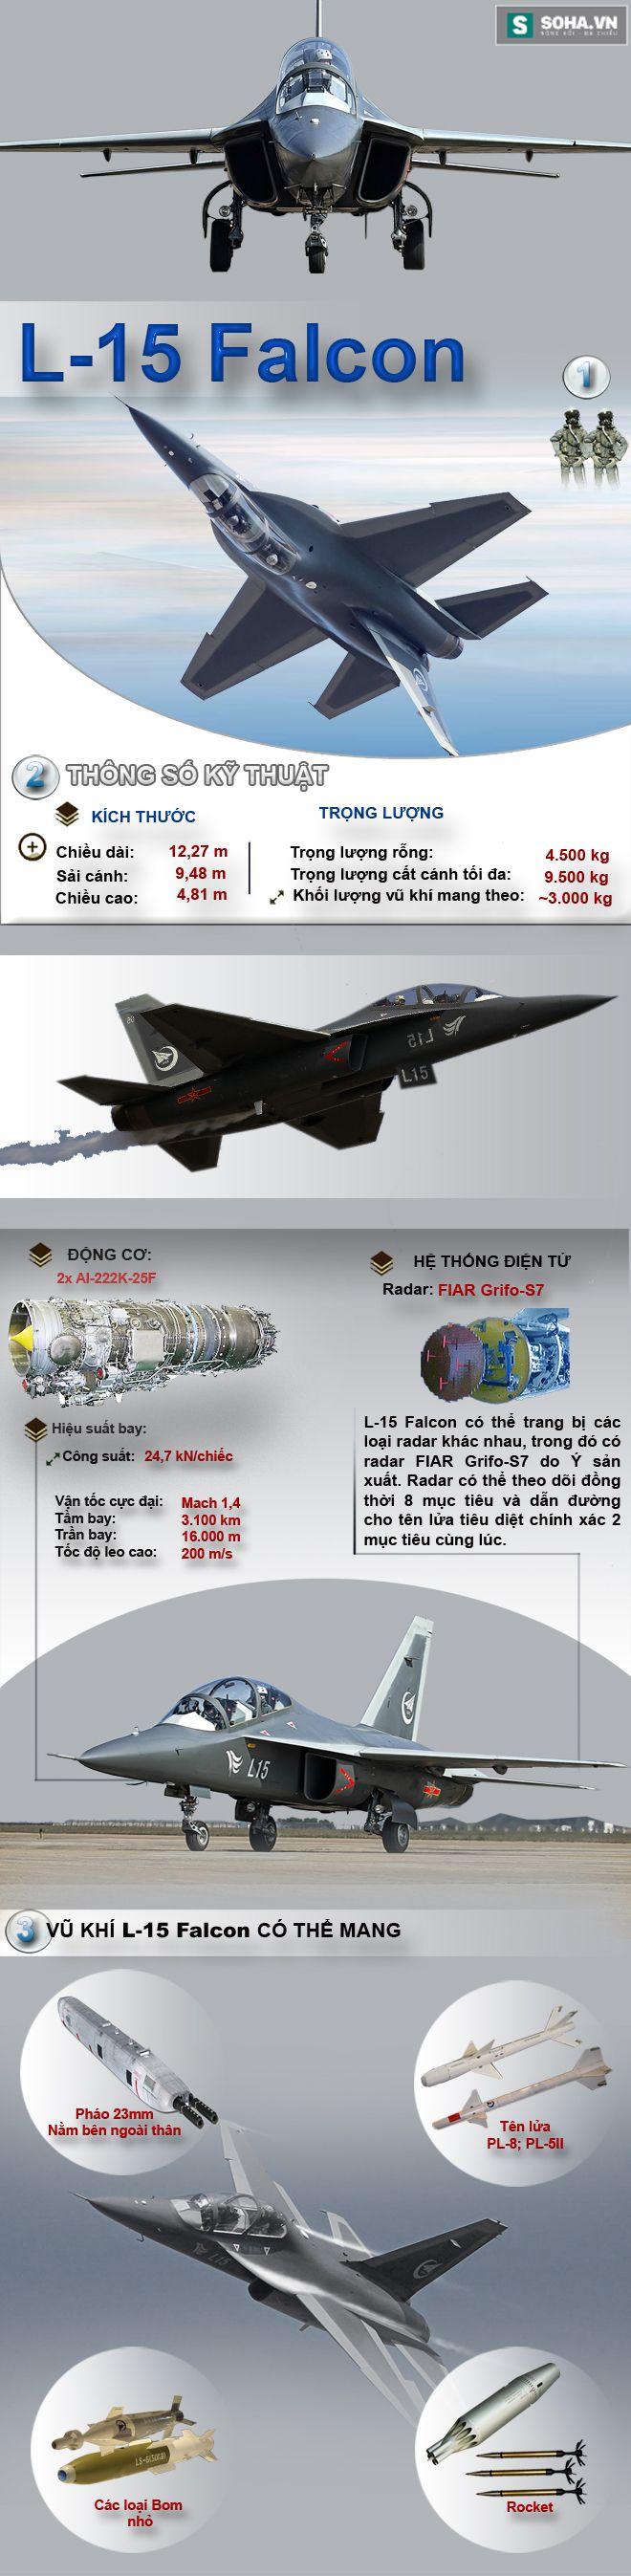 Máy bay huấn luyện siêu âm tốt nhất thế giới của Trung Quốc - Ảnh 1.